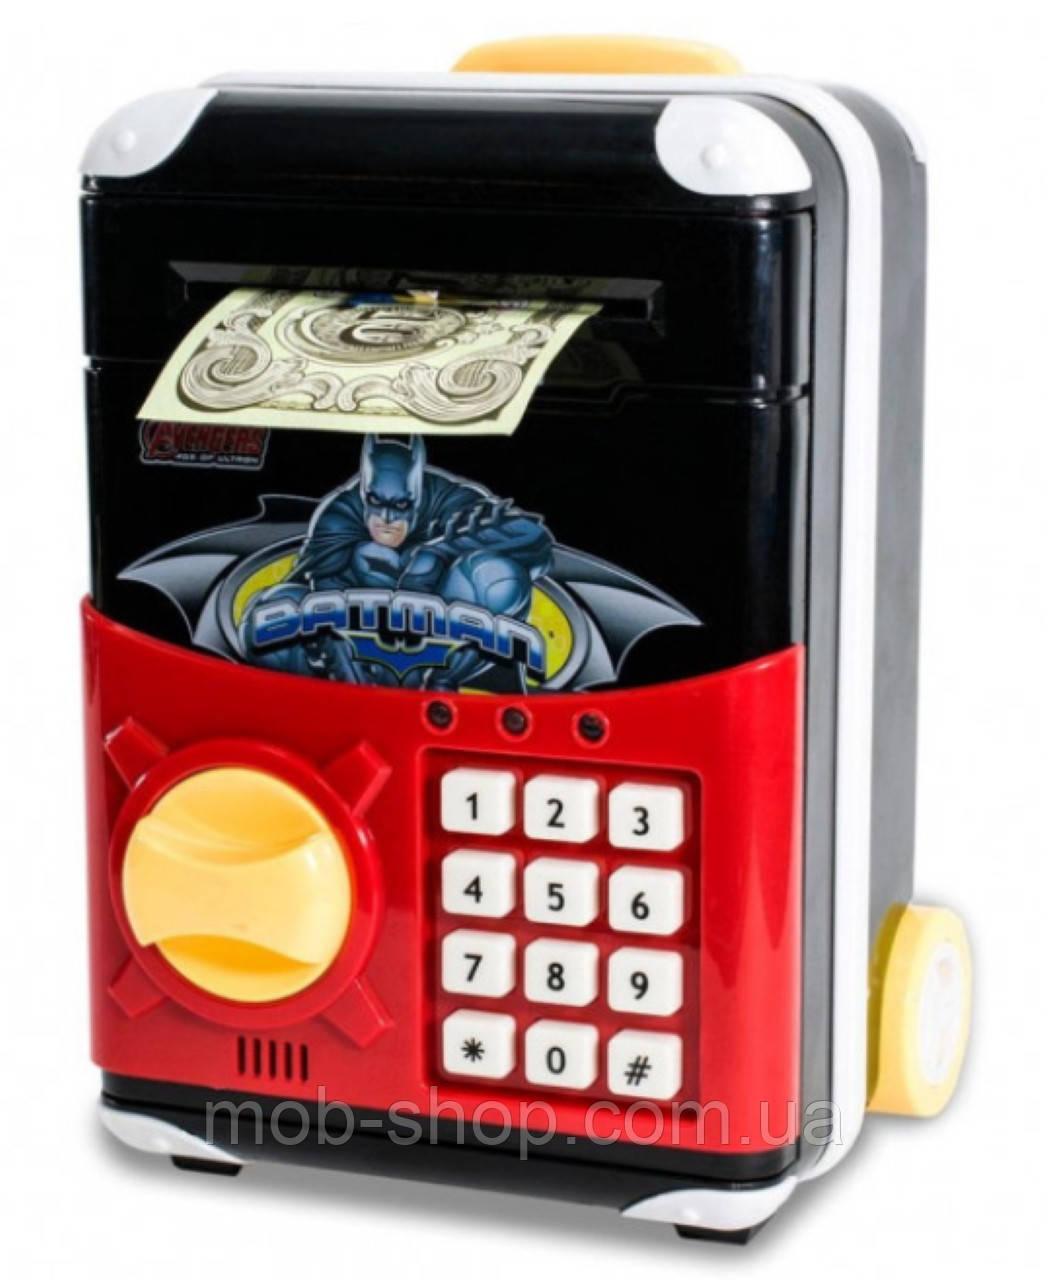 Детский сейф 1808Z, банкомат с электронным кодовым замком, копилка чемодан на колёсах